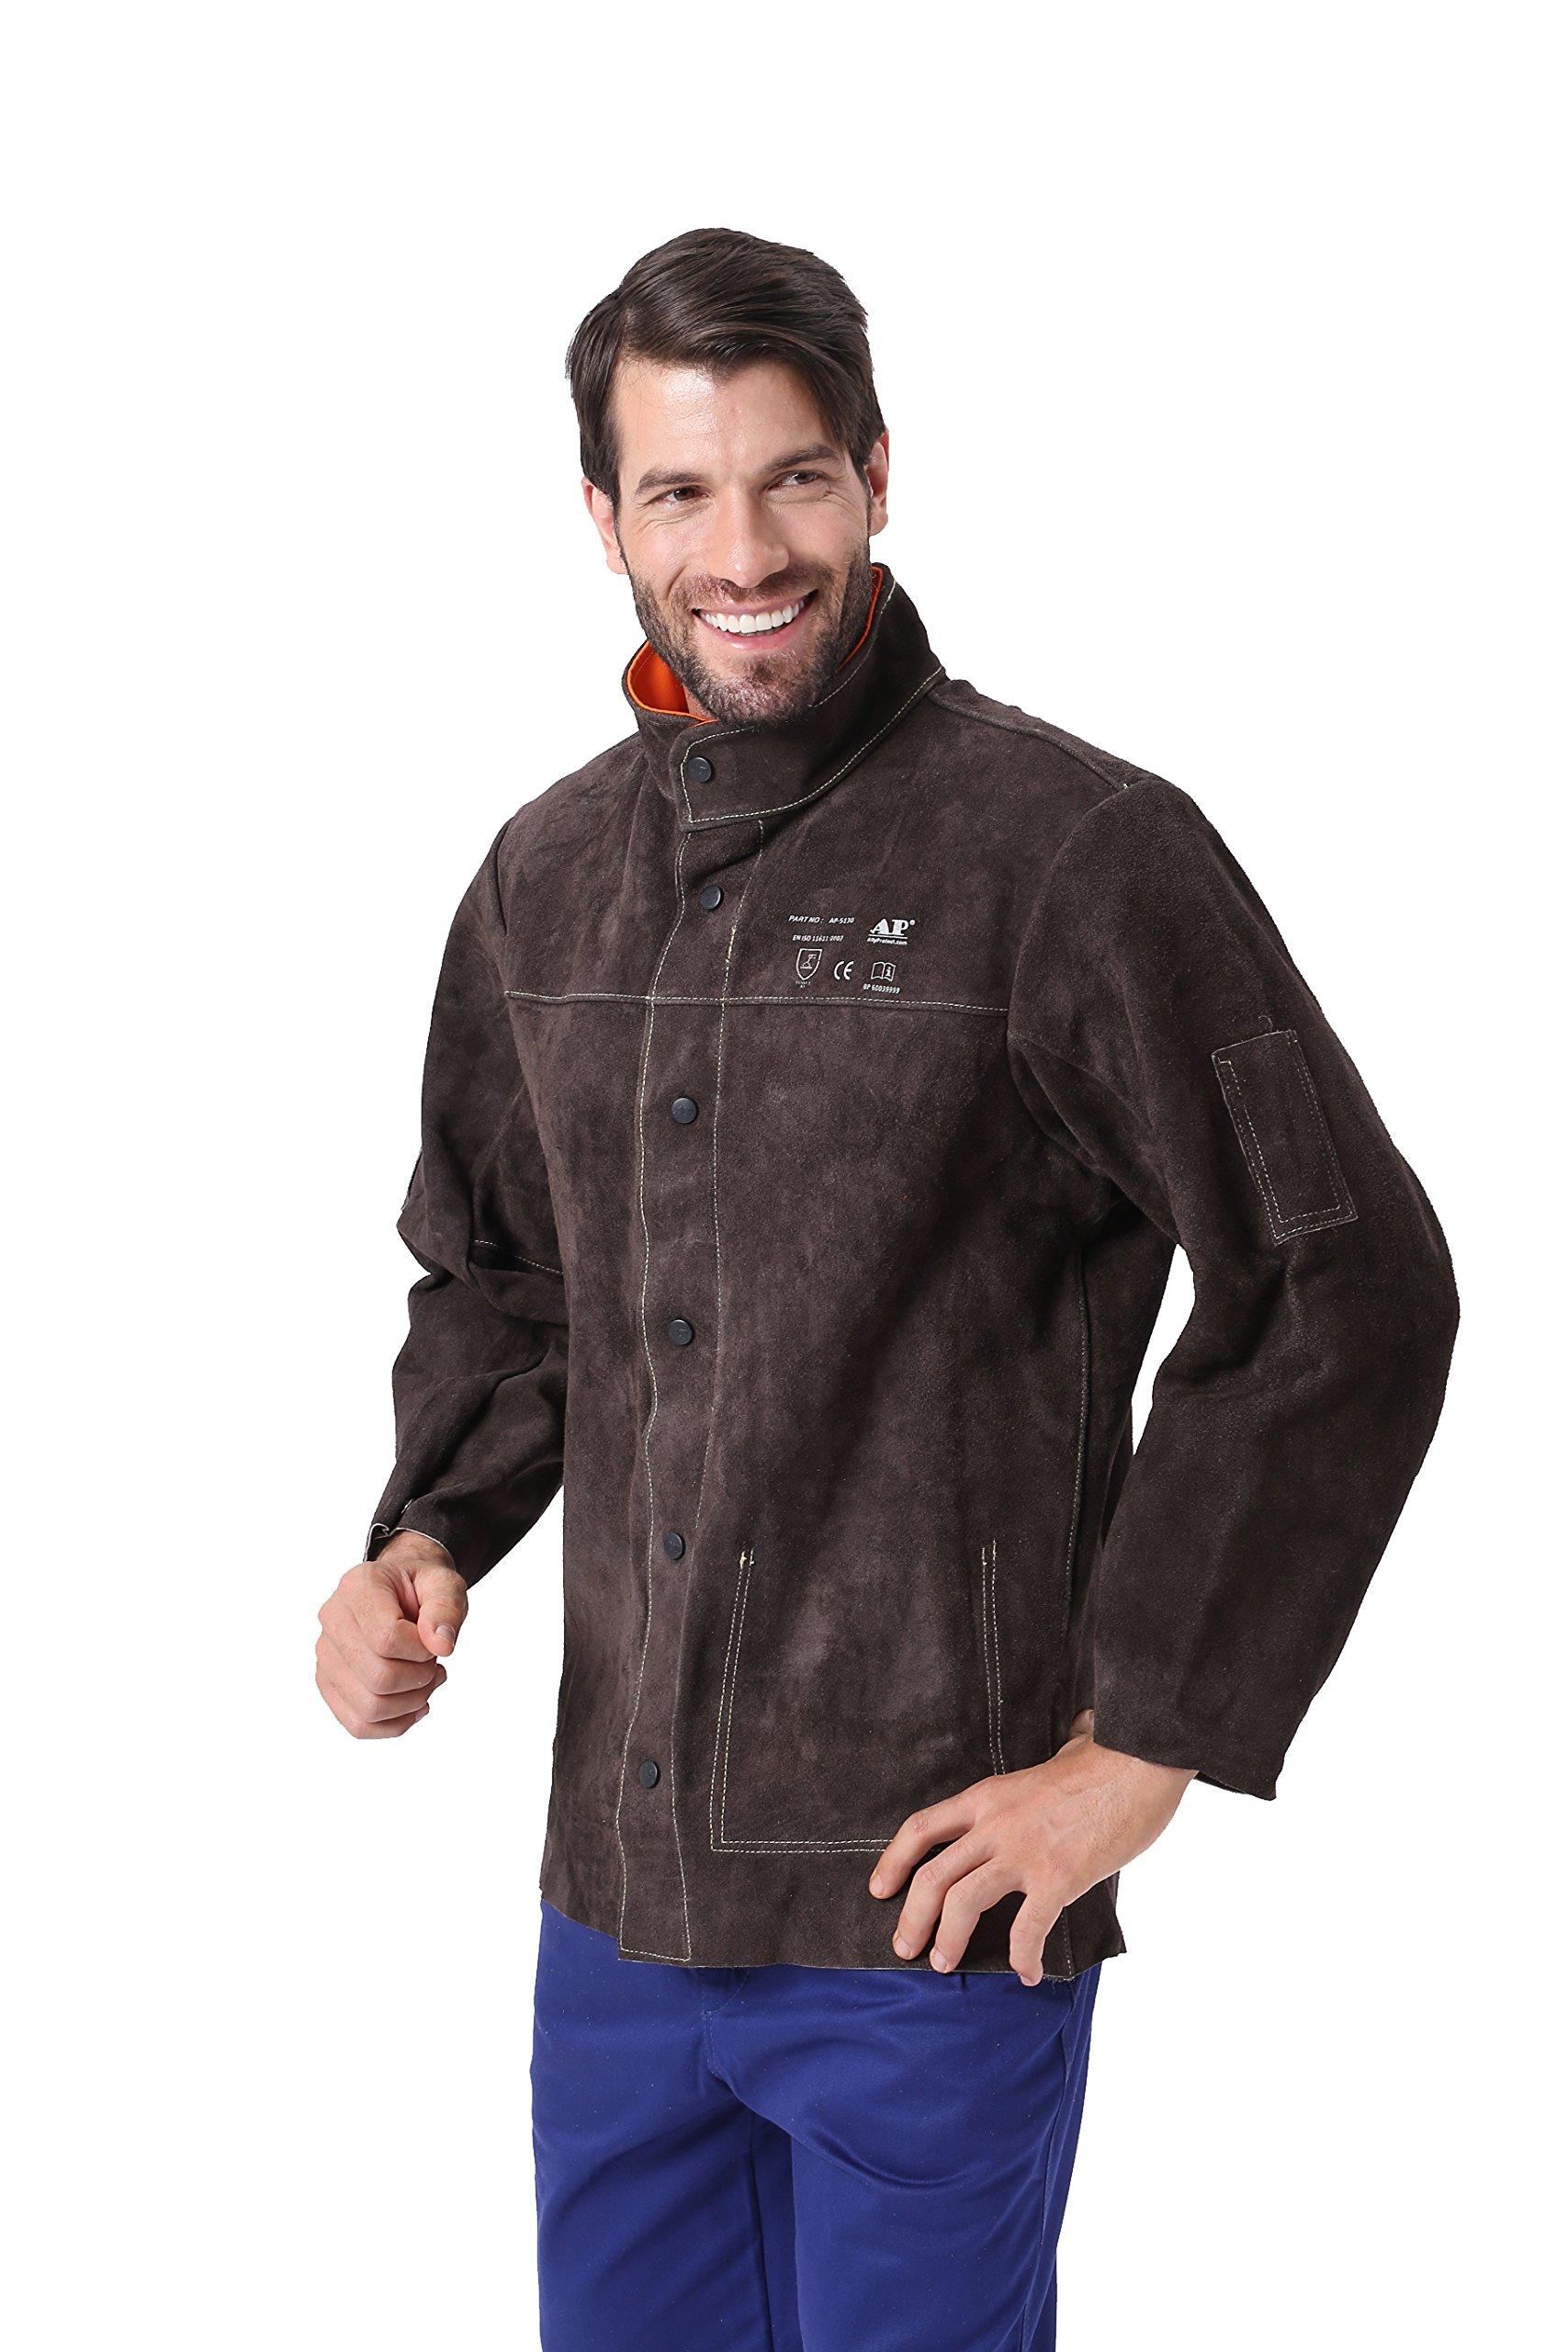 AP-5130 Brown colour split cow leather welding jacket with EN11611 CE certification - XL